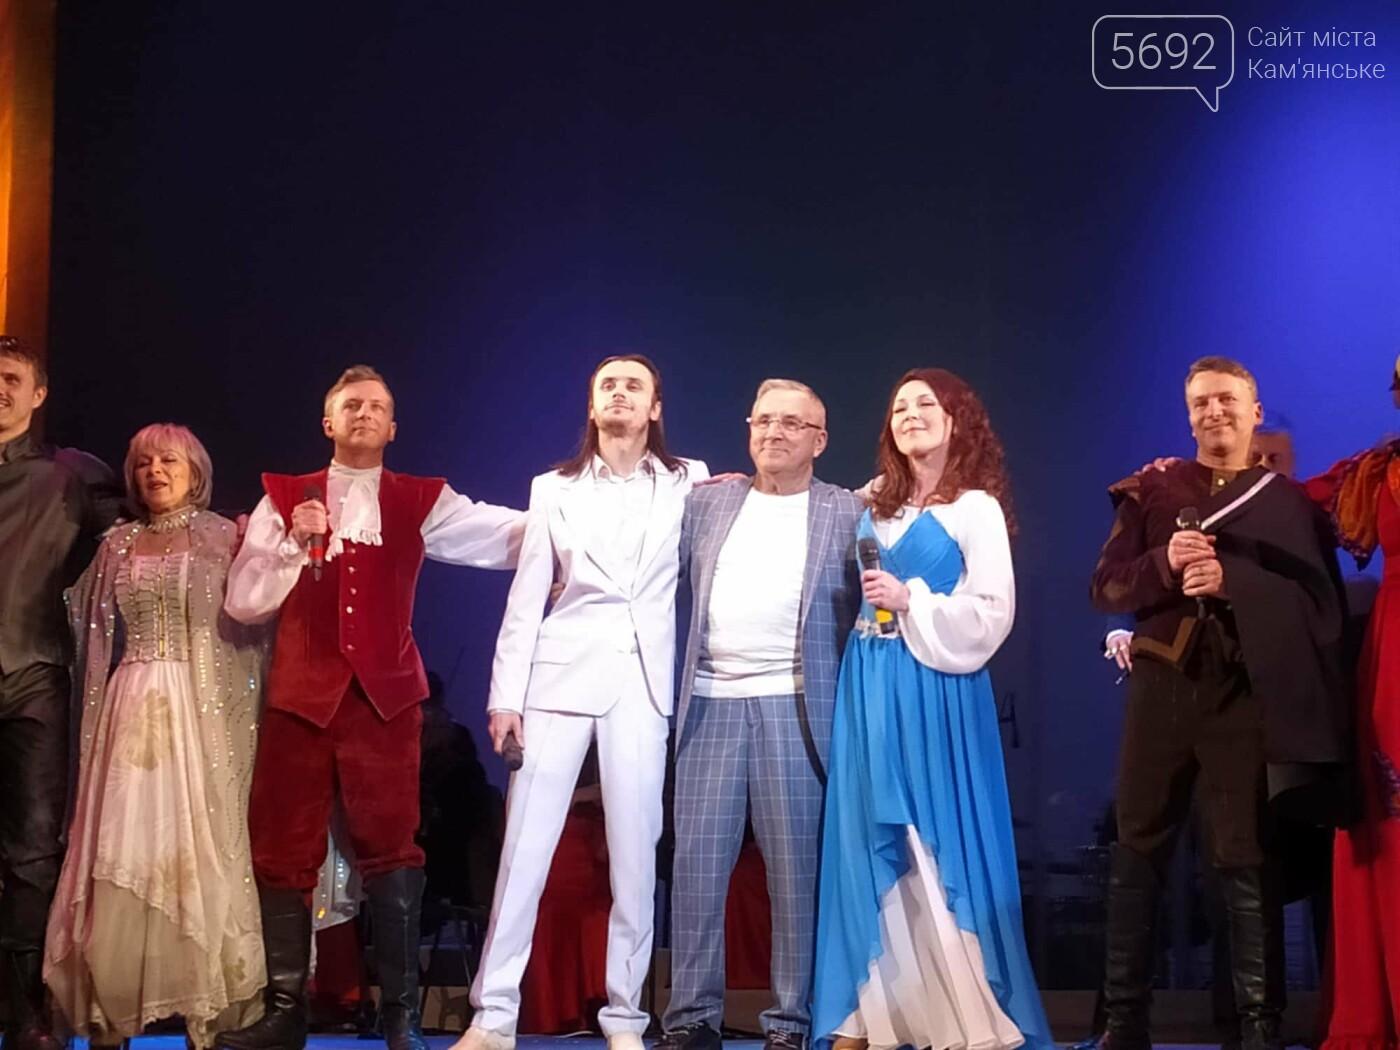 В Каменском театре концертом отметили юбилей главного режиссера, фото-10